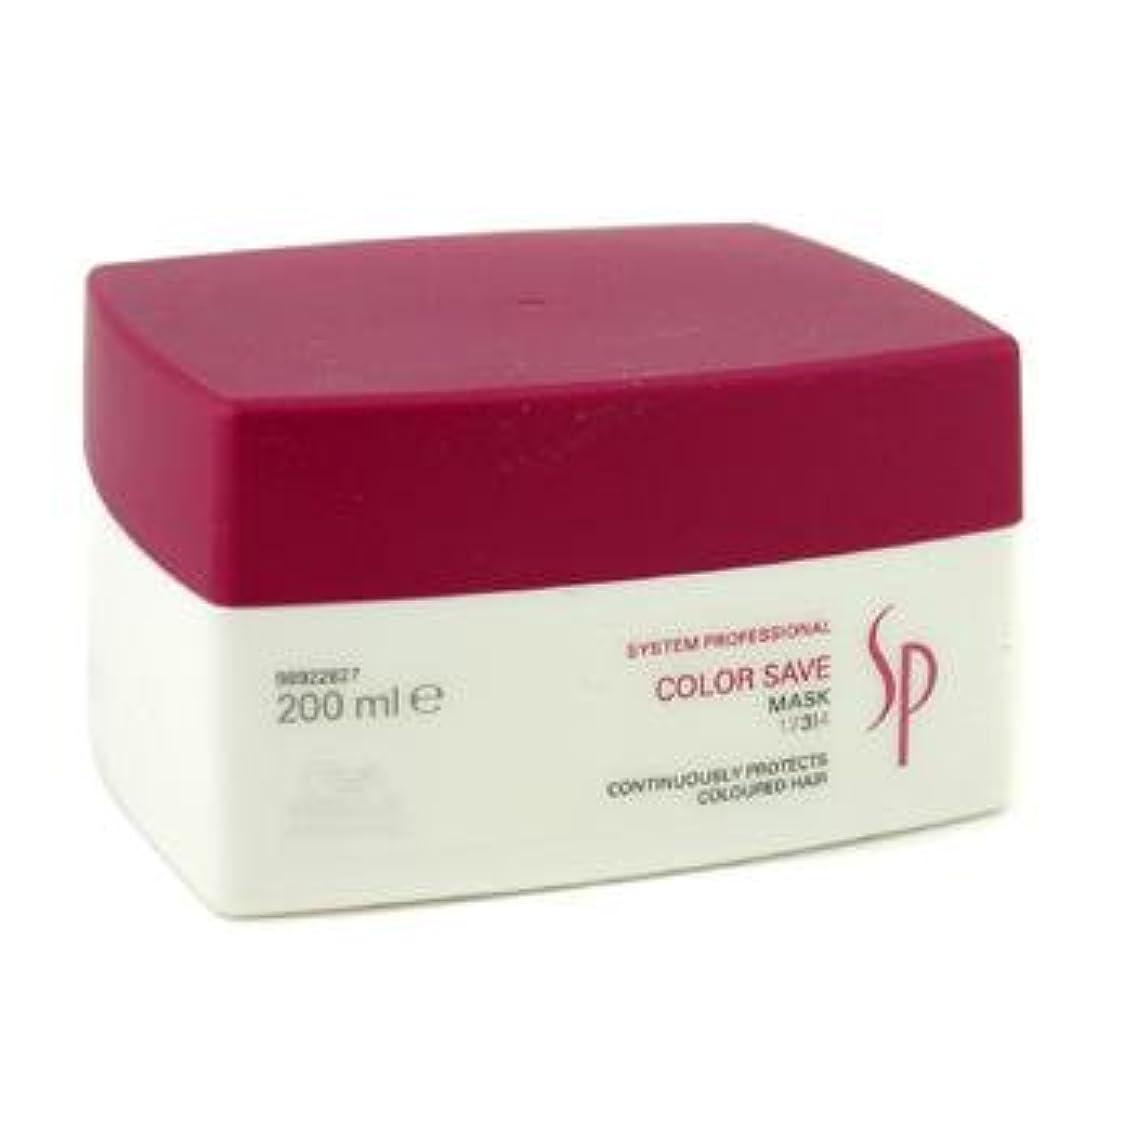 剃るスペーストリップ[Wella] SP Color Save Mask ( For Coloured Hair ) 200ml/6.67oz[並行輸入品] [並行輸入品]